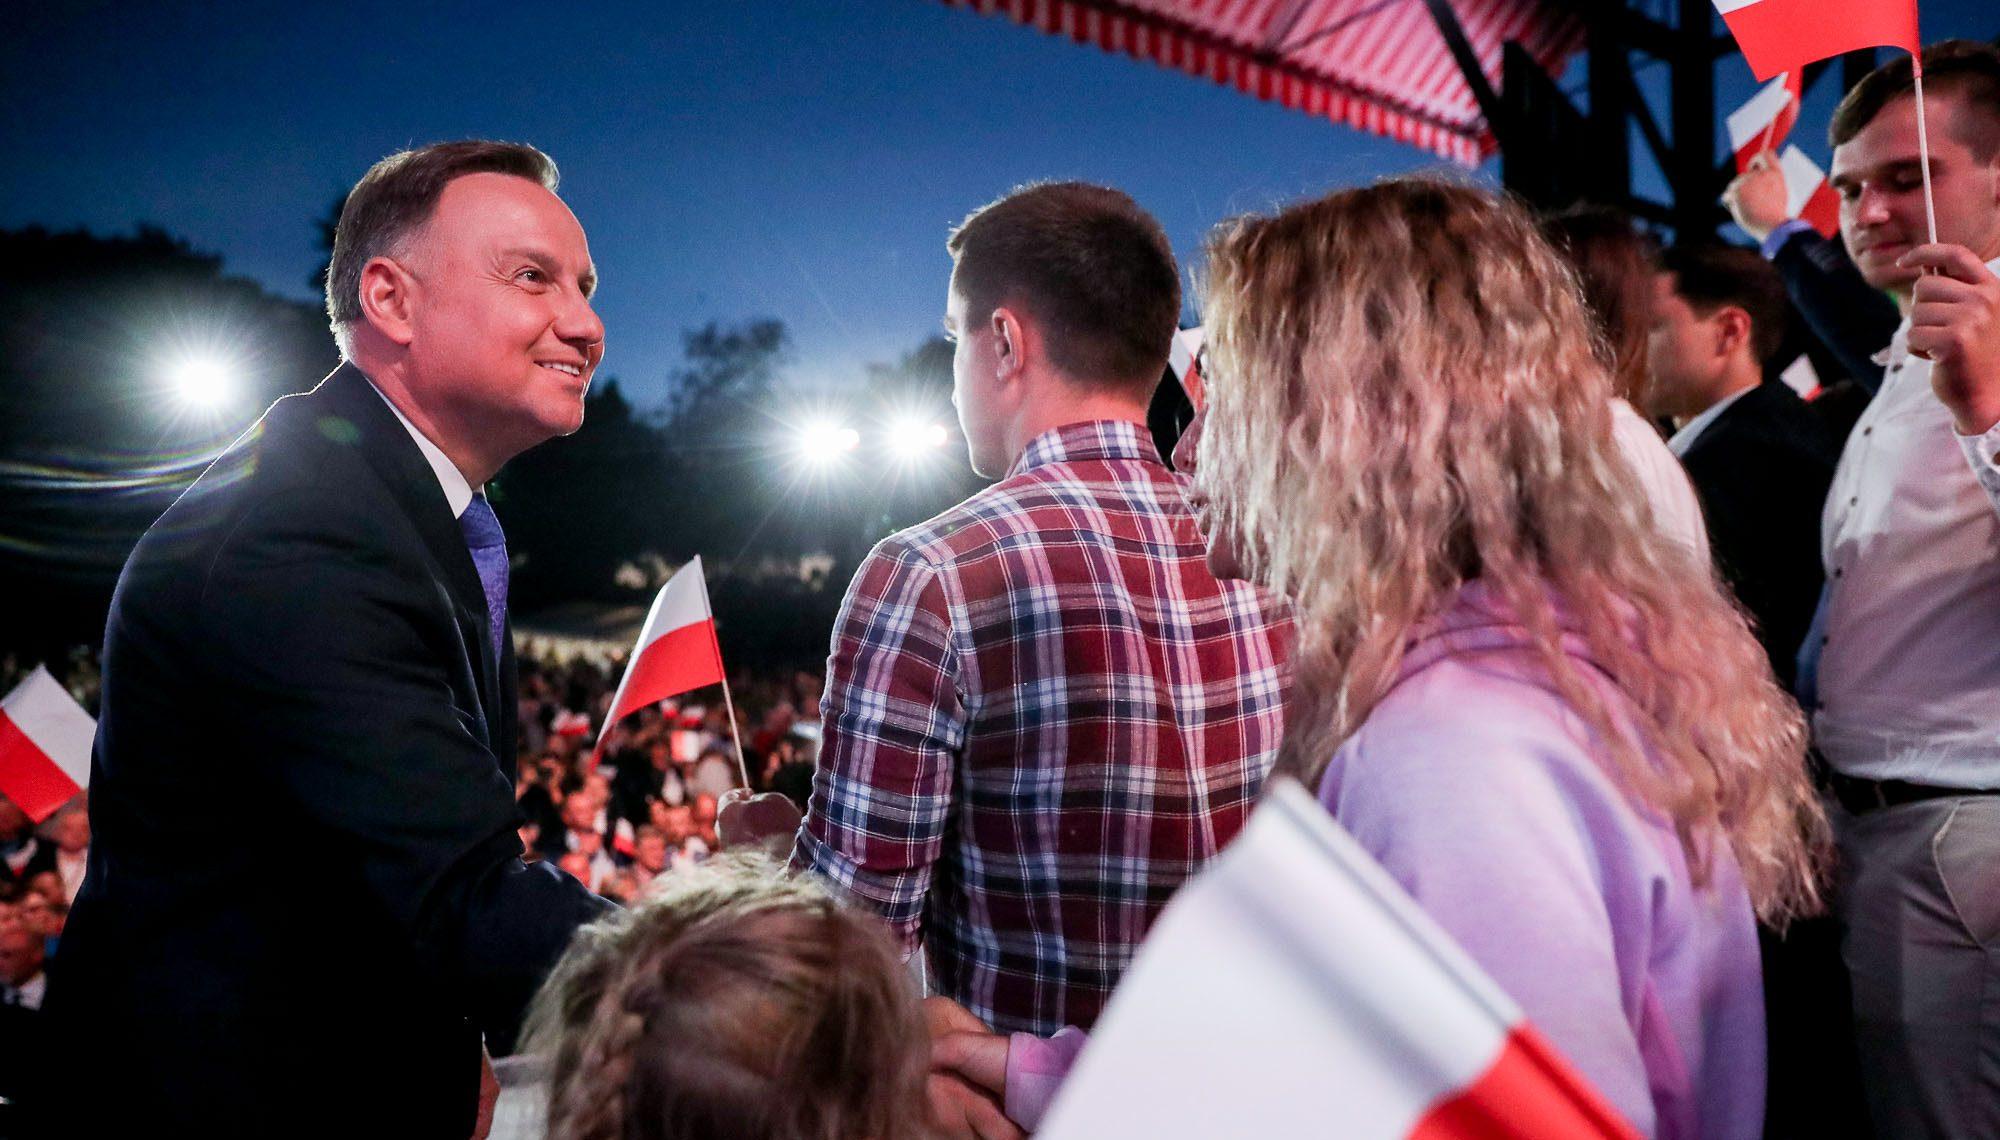 Prezydent połowy Polaków